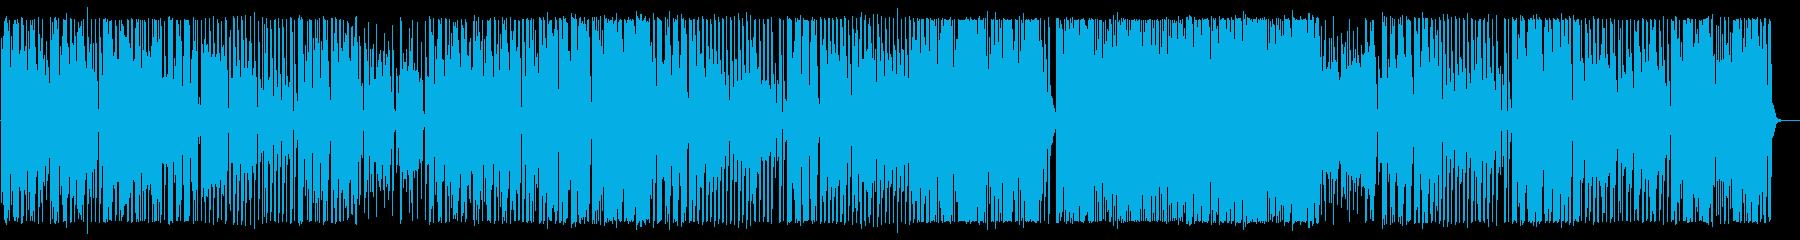 緩やかで軽快なワルツ風テクノポップの再生済みの波形